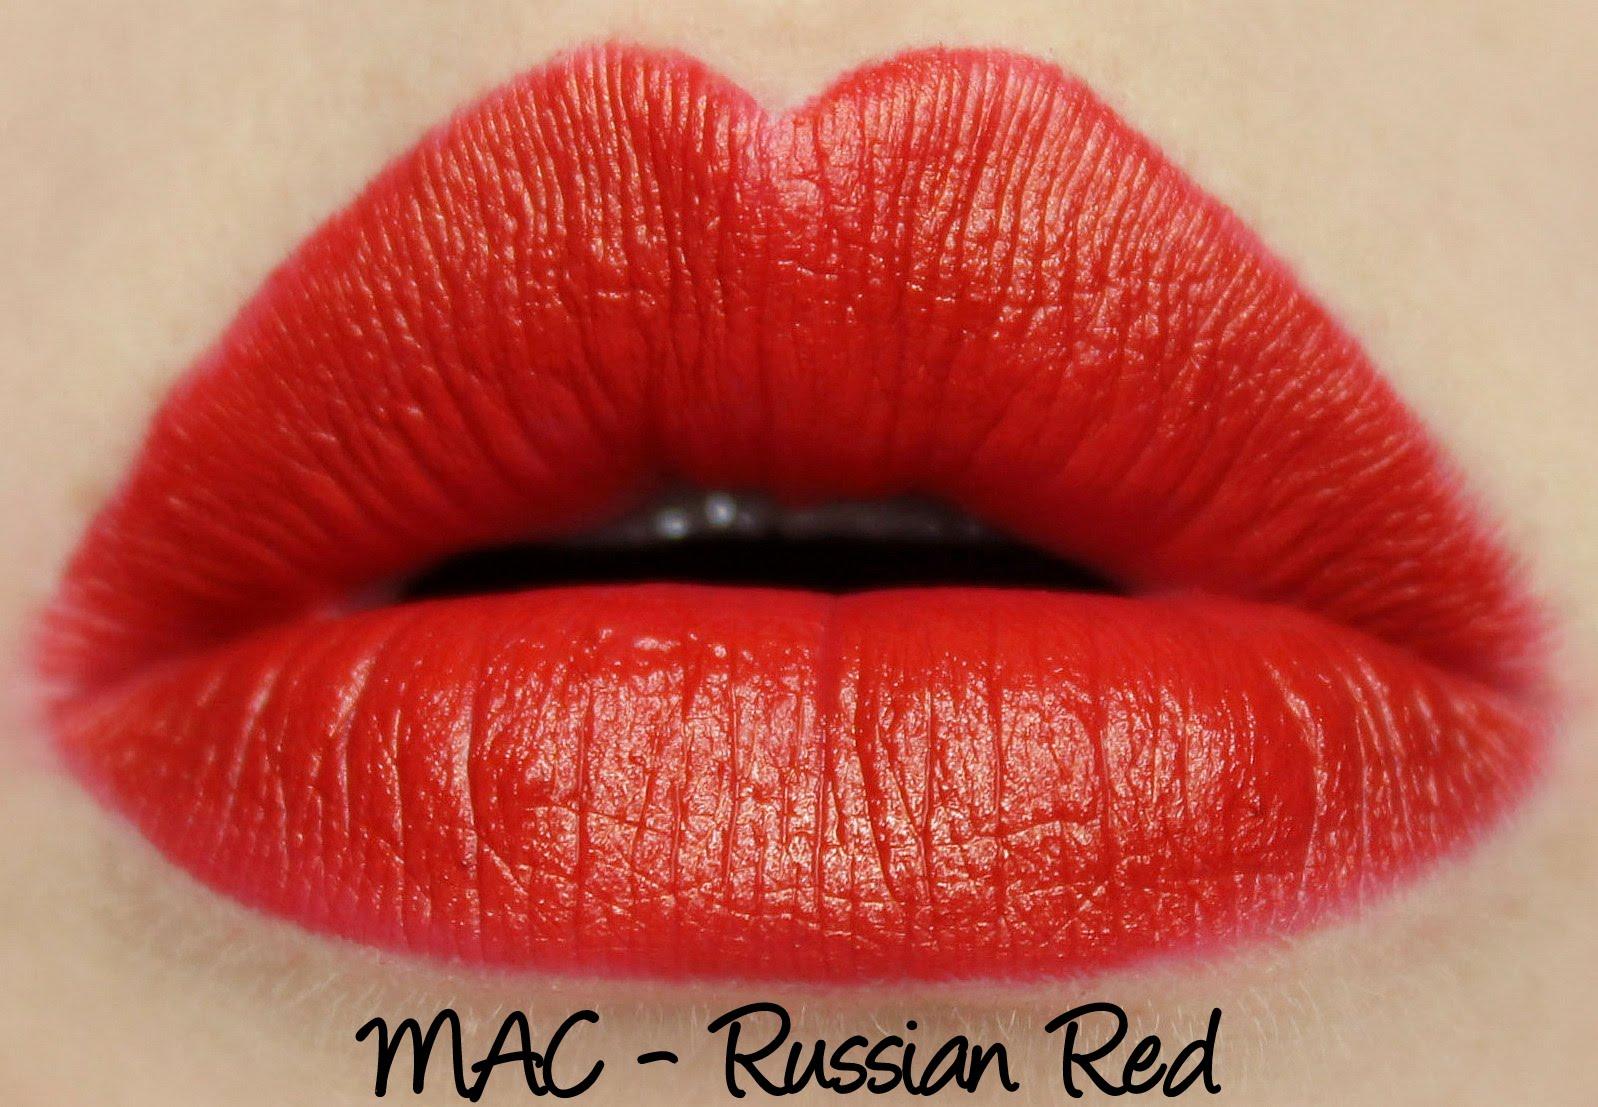 MAC Russian Red lipstick swatch